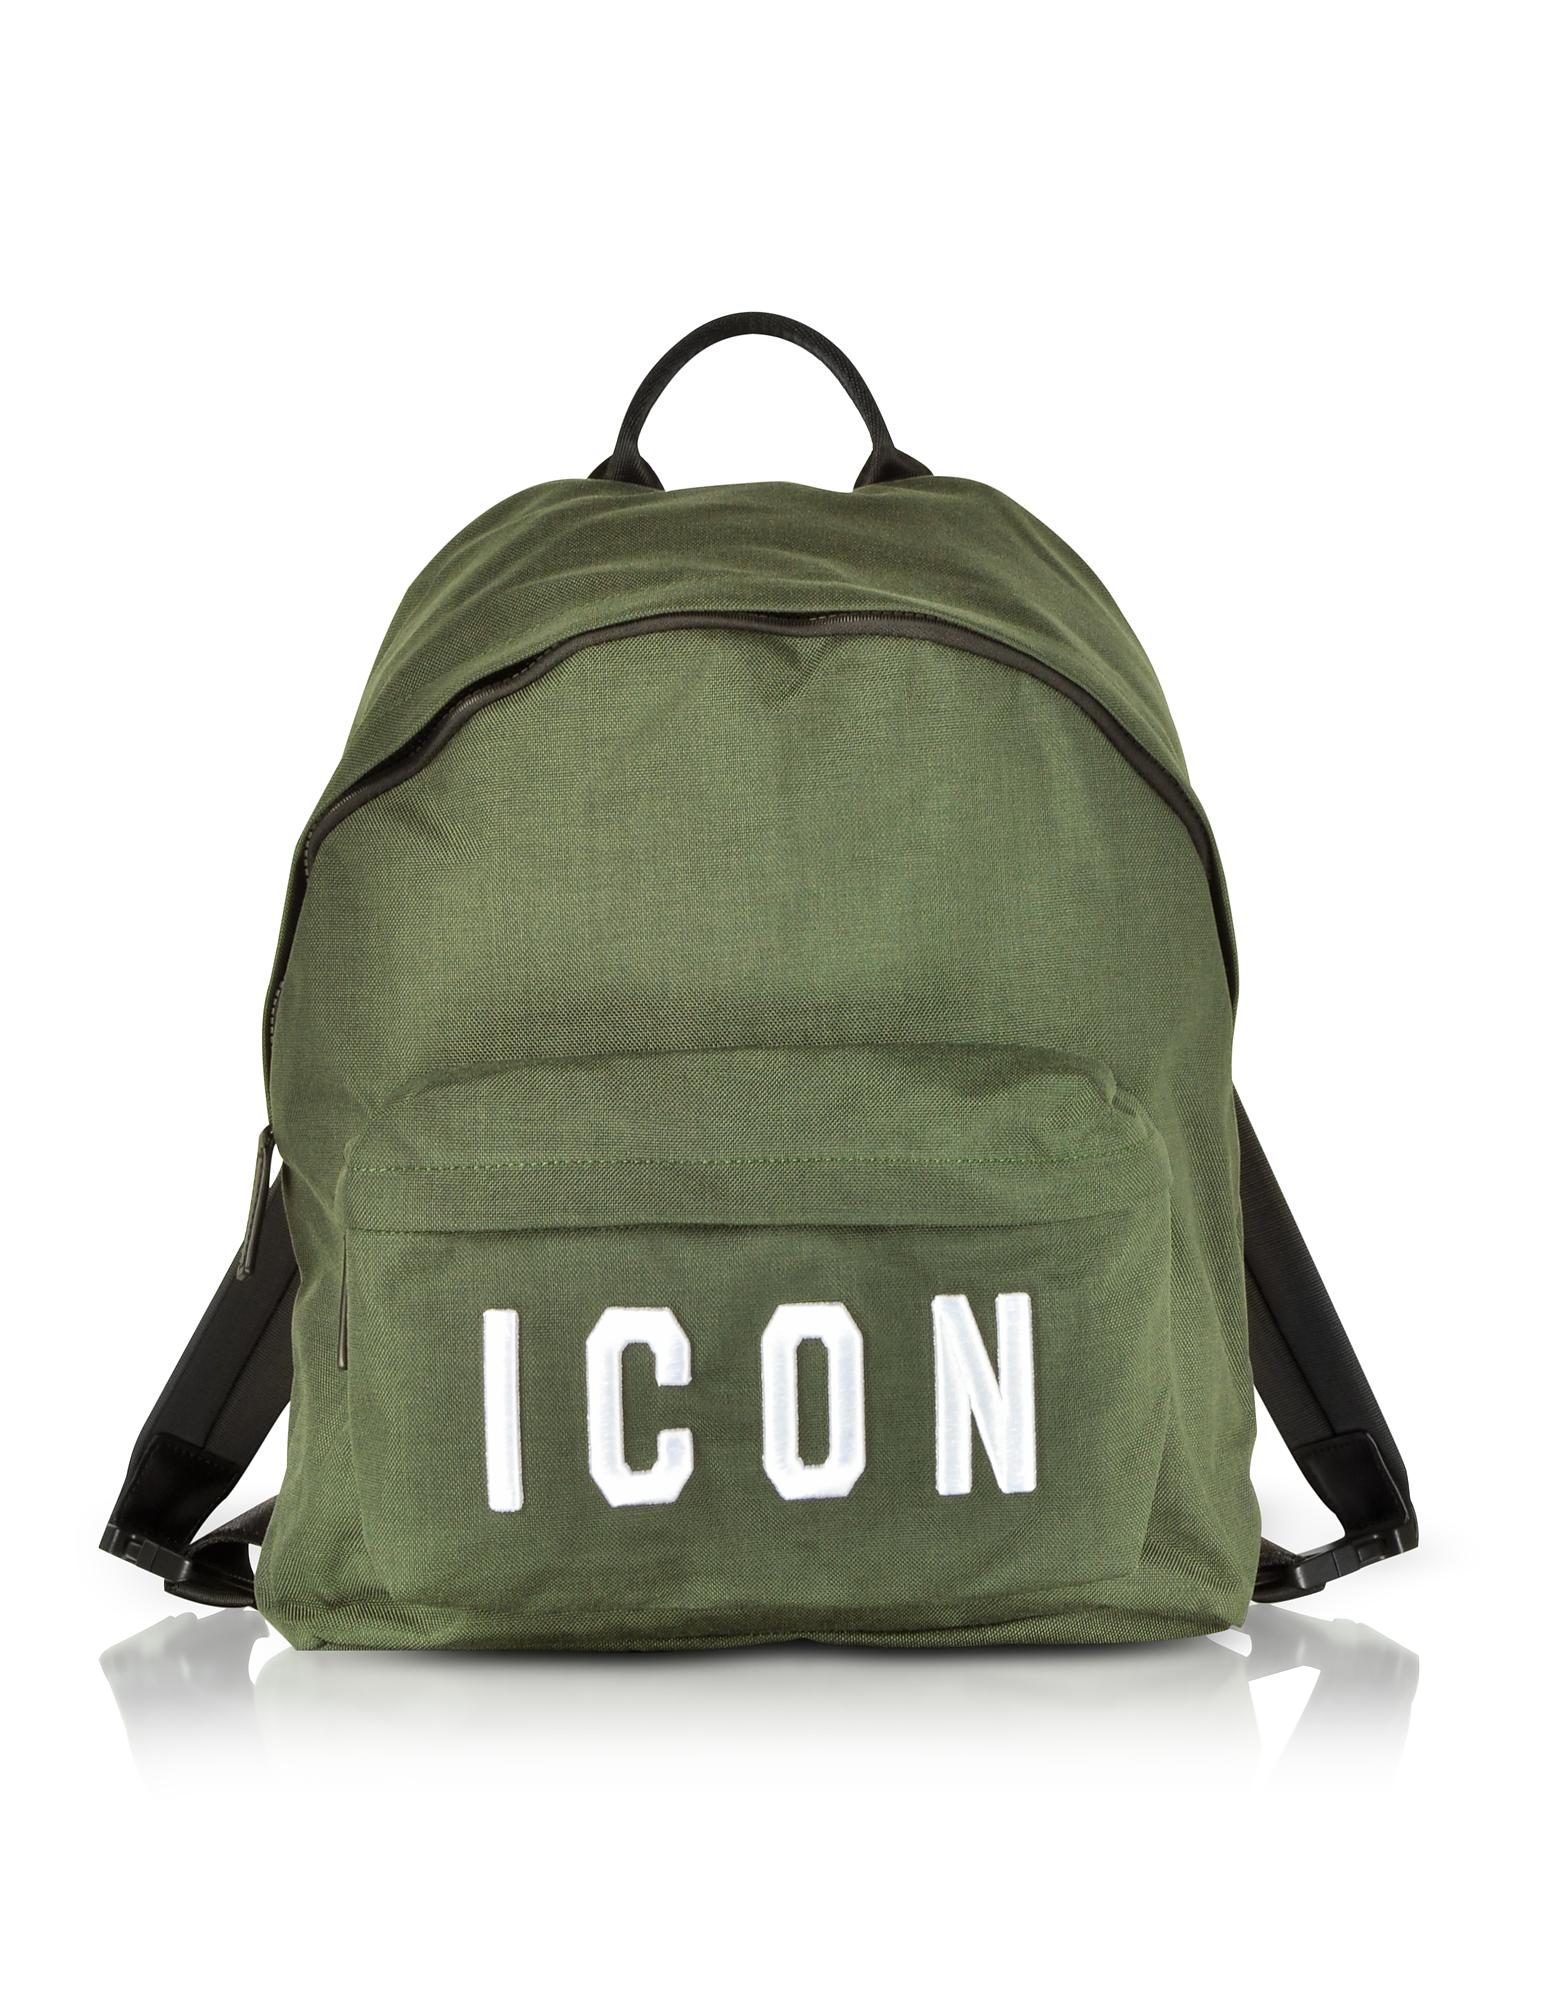 Icon Khaki Nylon Medium Backpack